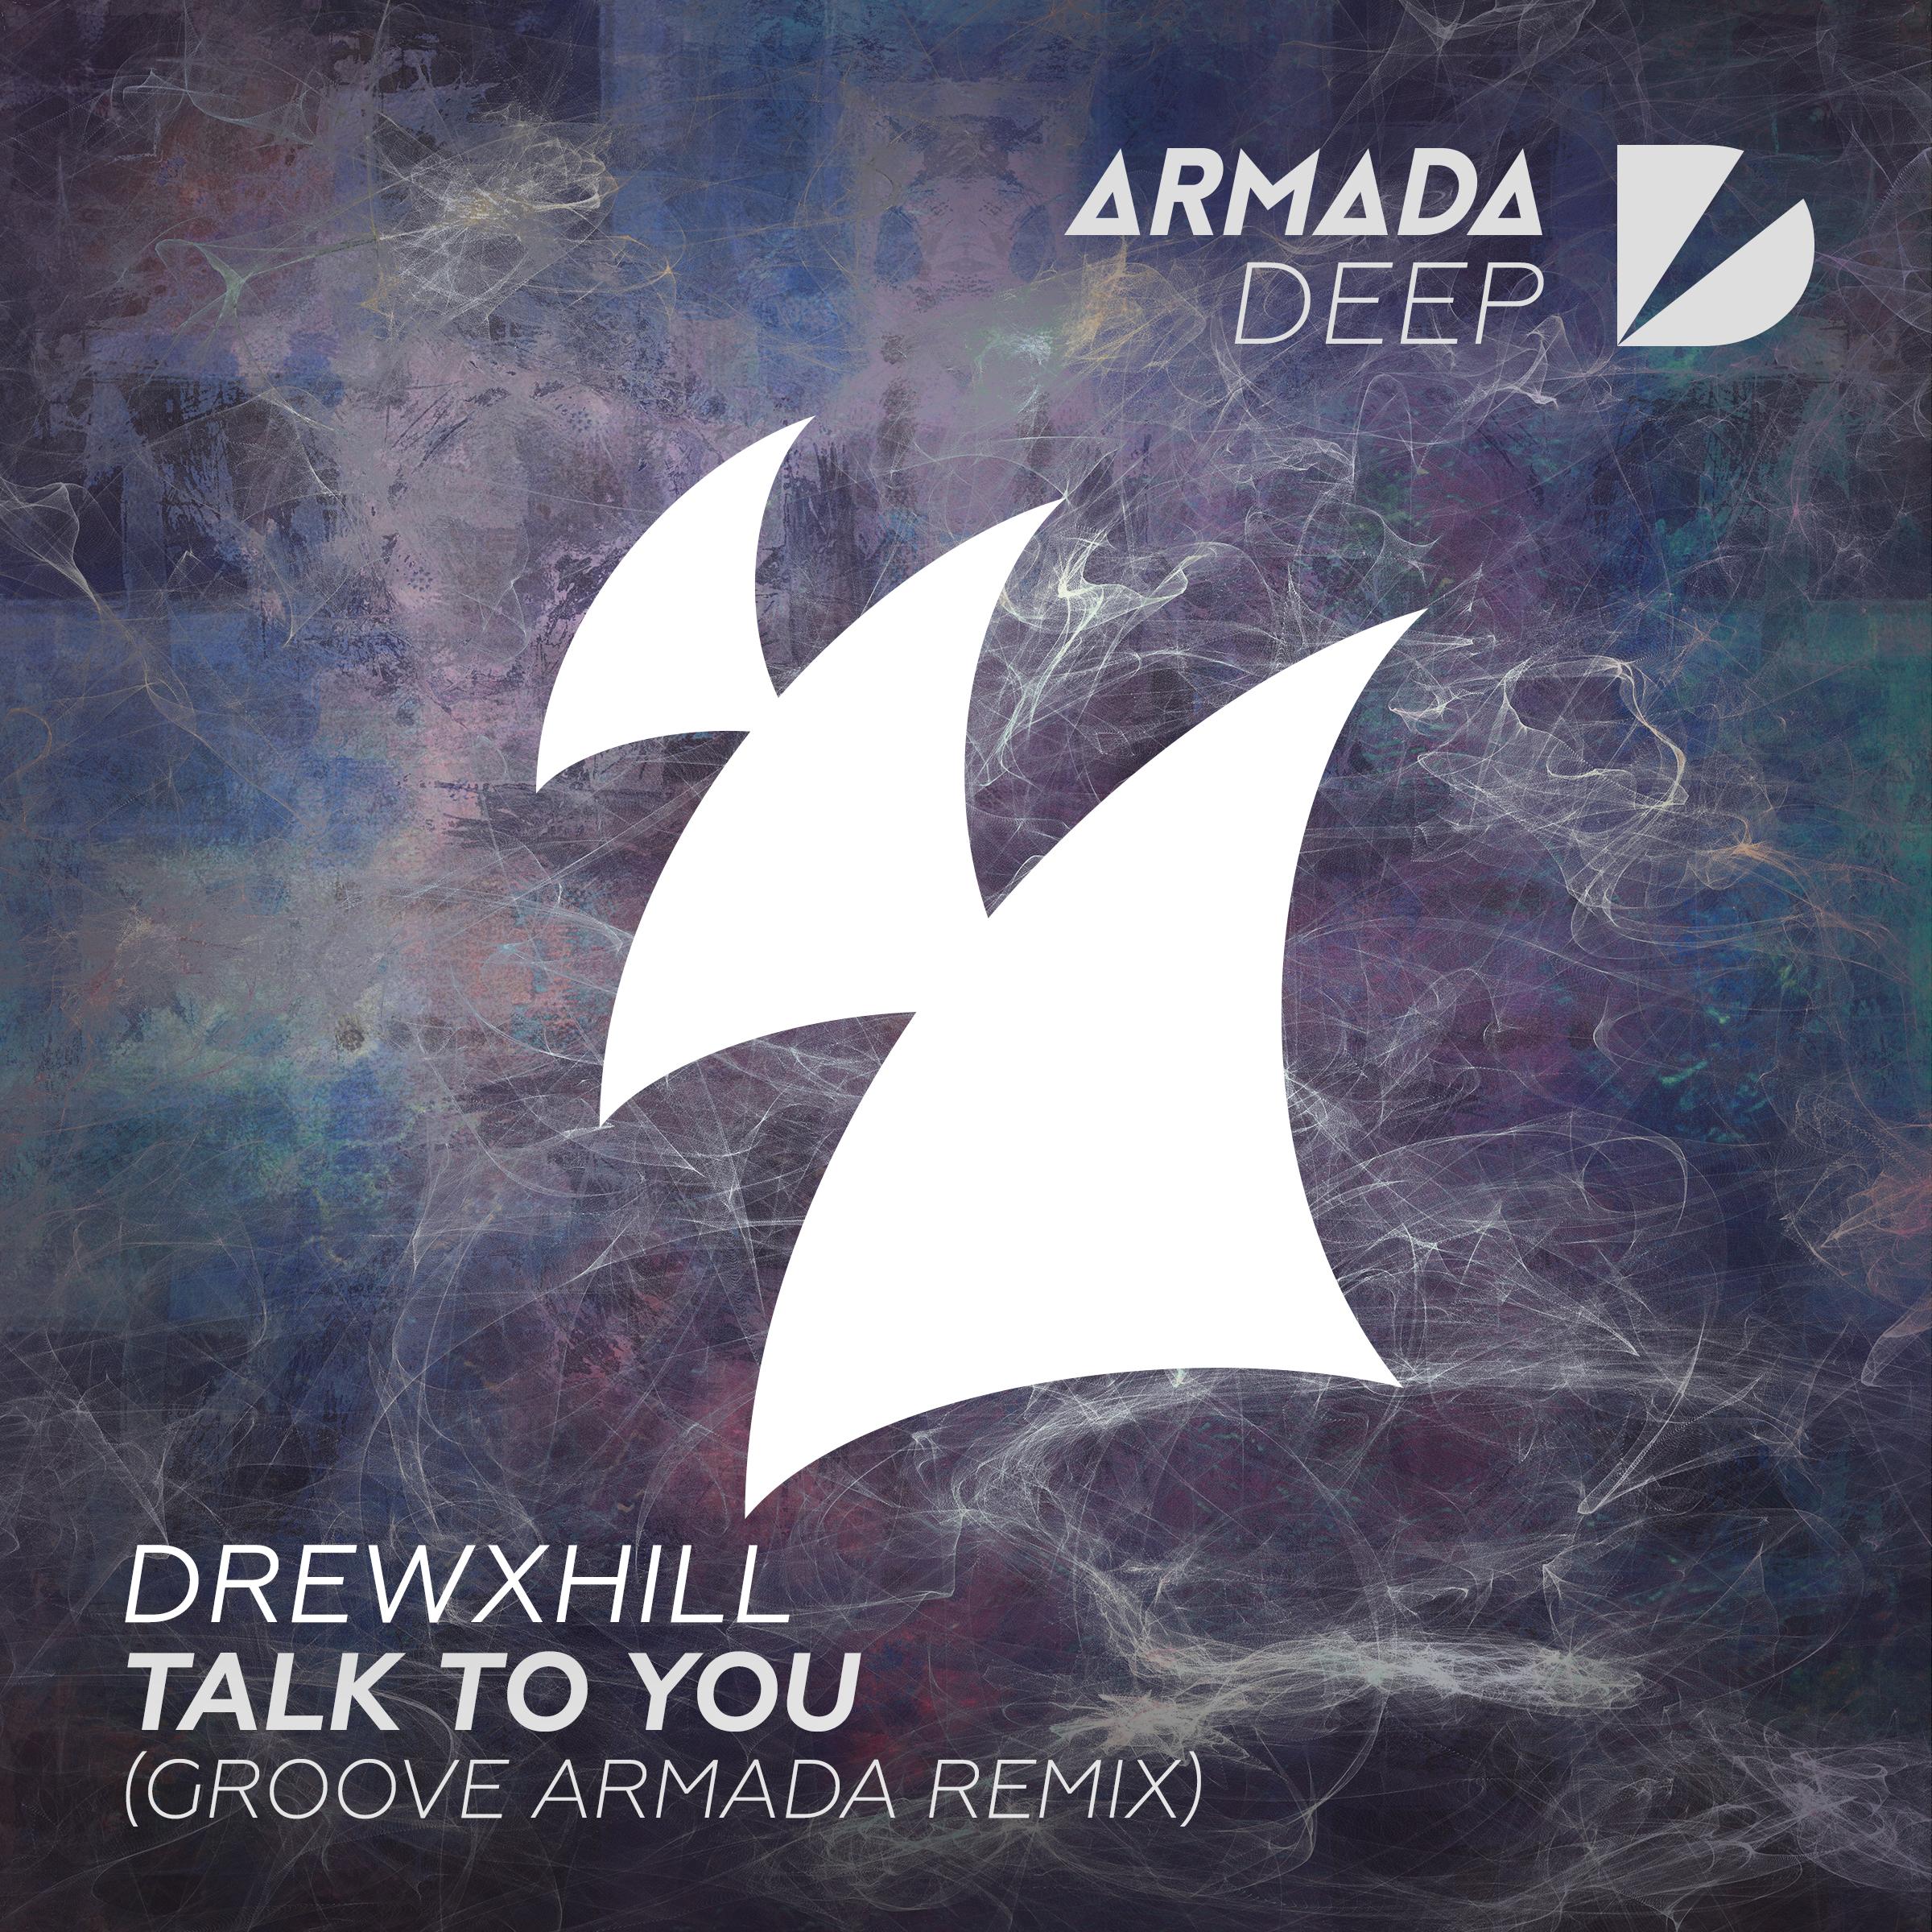 ardp-drew-hill-talk-to-you-groove-armada-remix.jpg